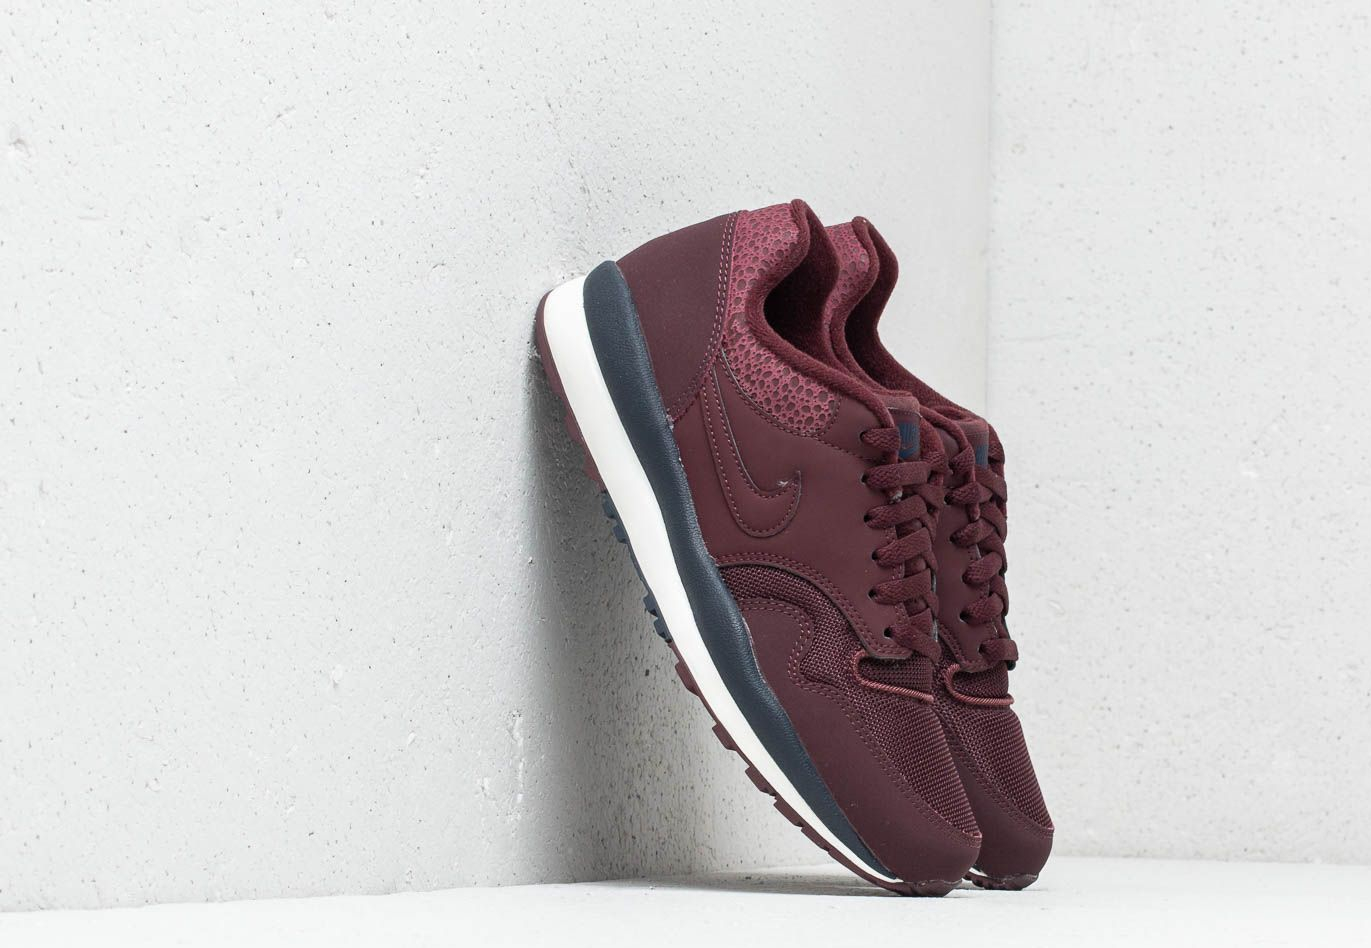 Nike Air Safari Burgundy Crush/ Burgundy Crush